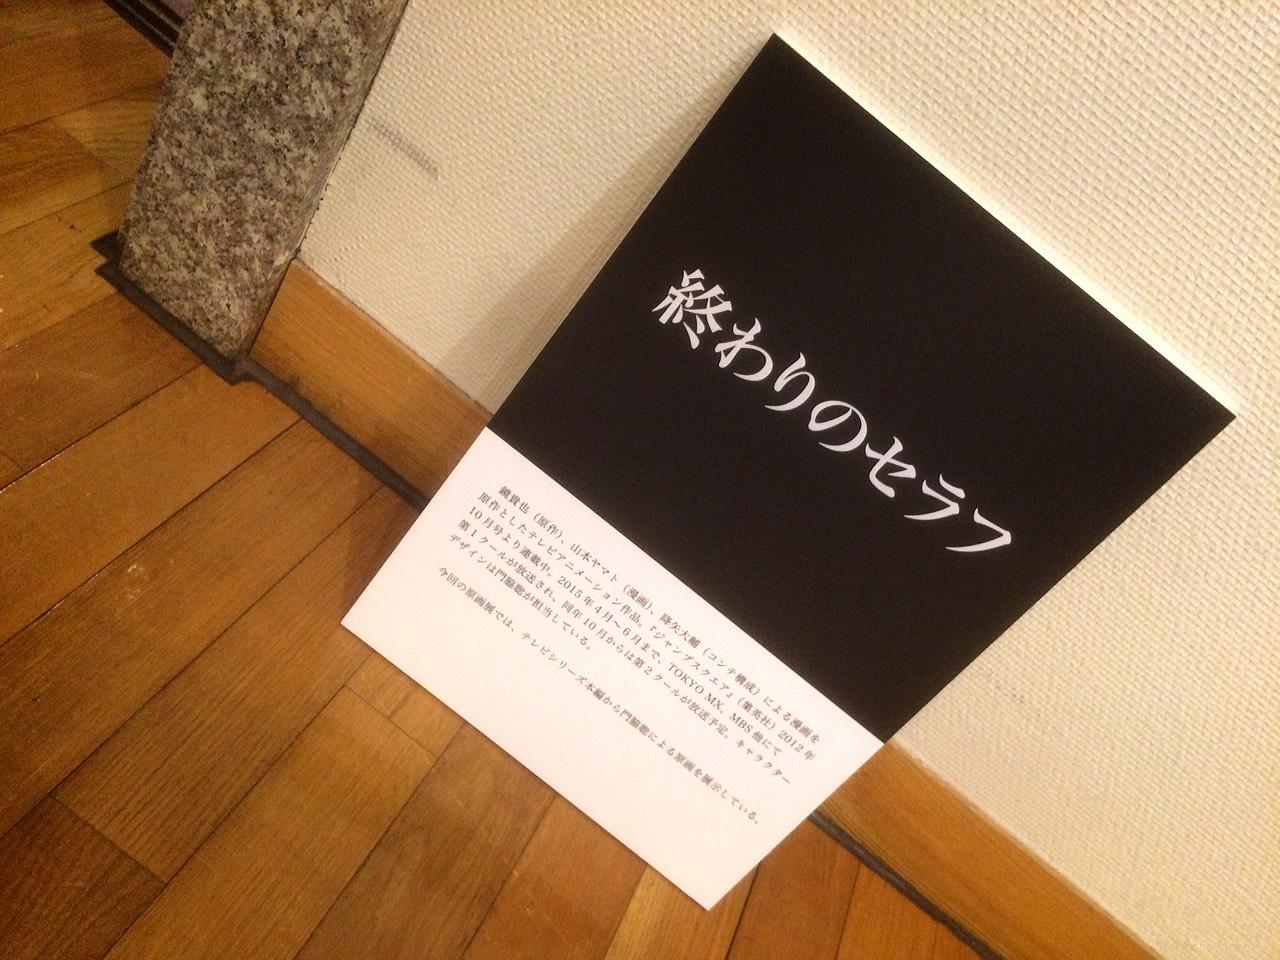 チラ浅野展5